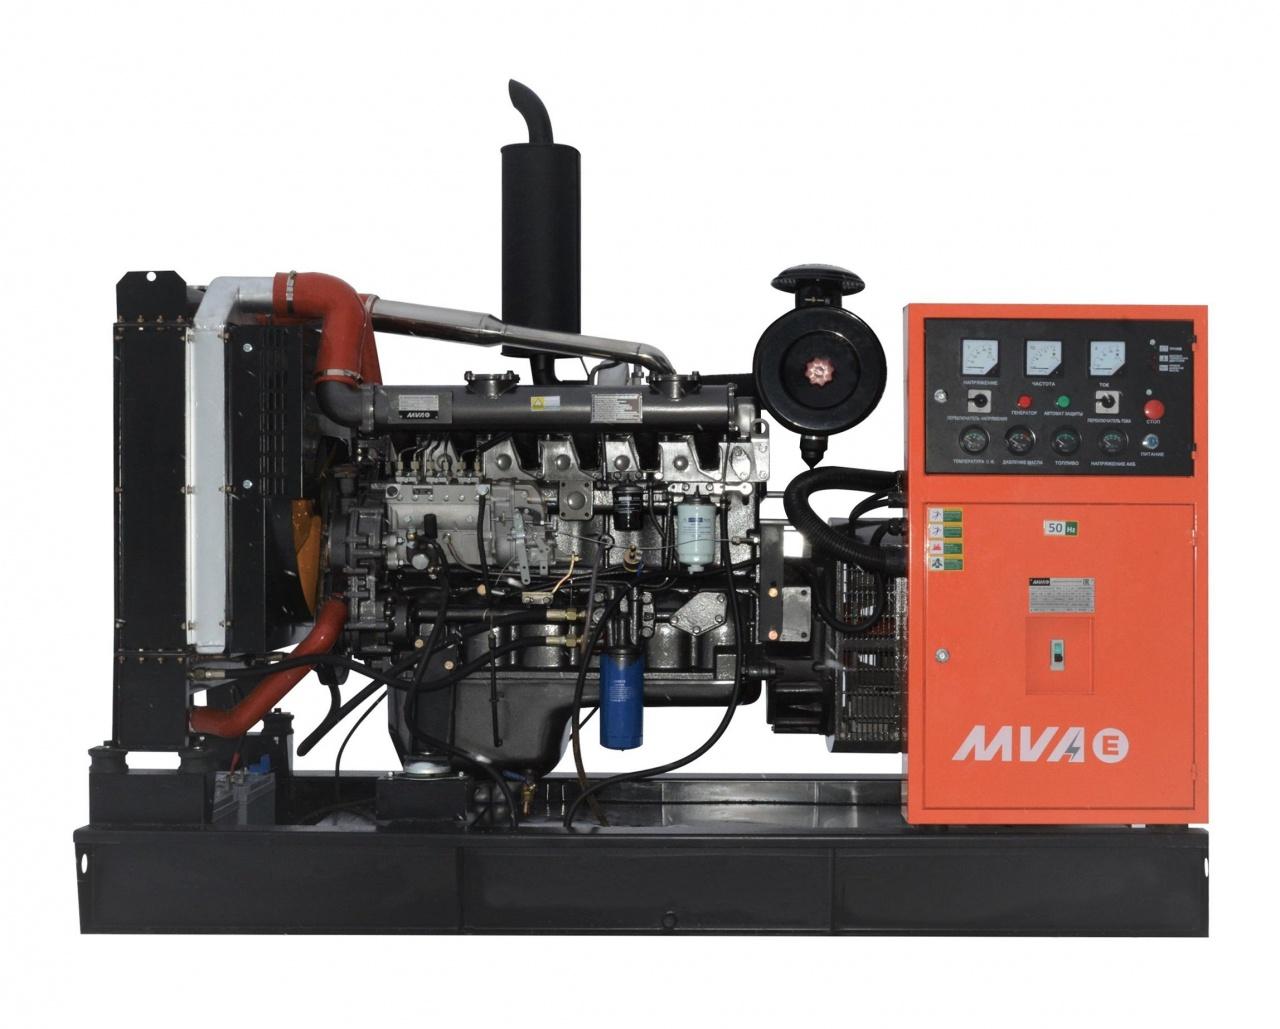 дизельная электростанция mvae ад-200-400-р